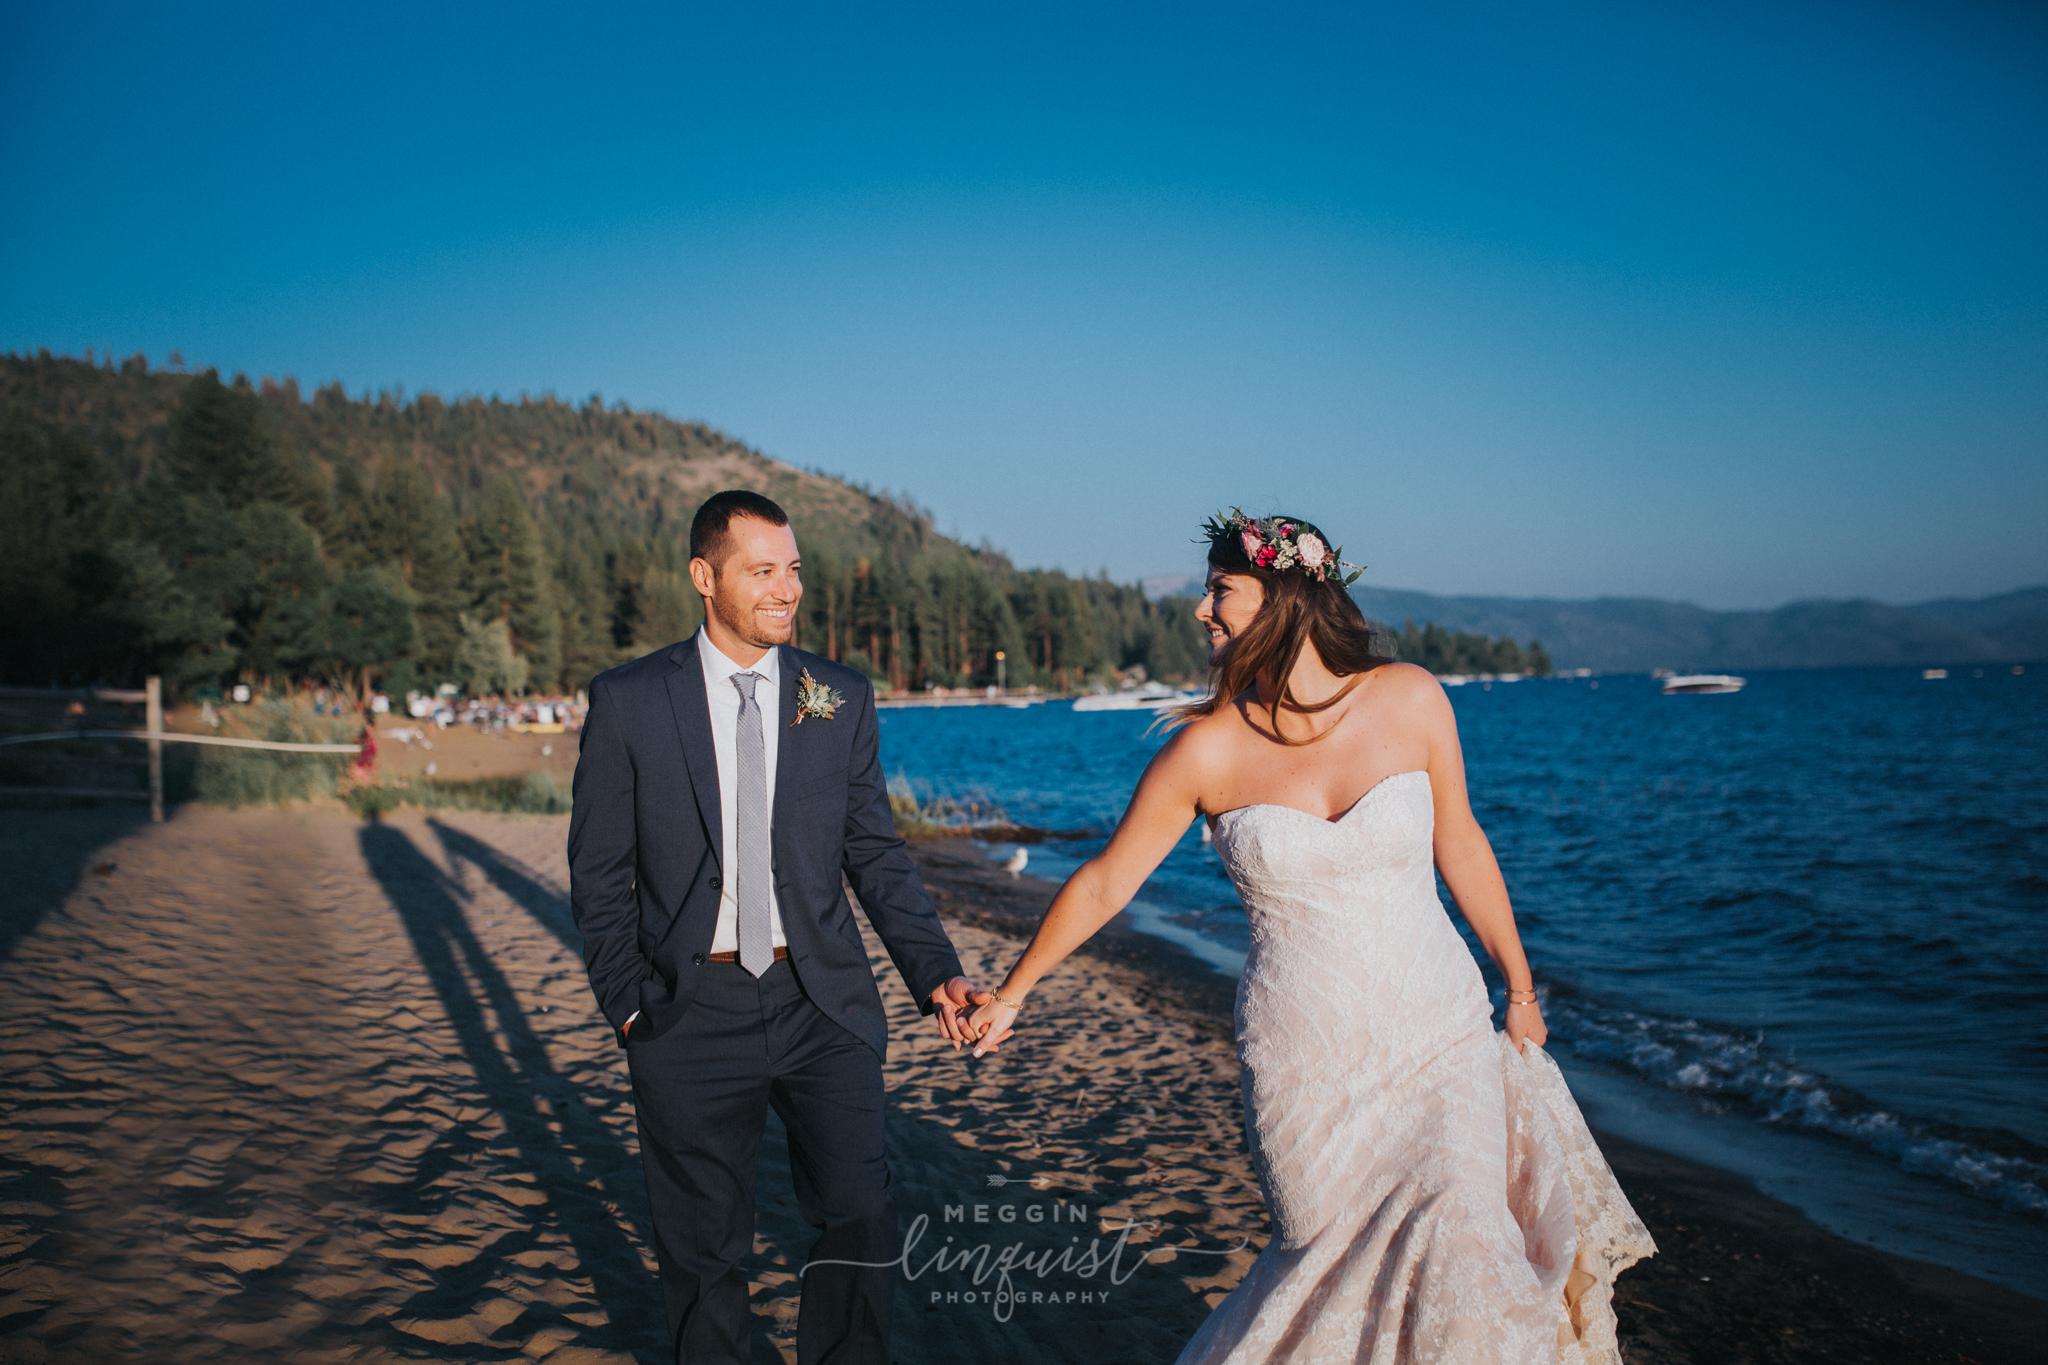 bohemian-style-lake-wedding-reno-lake-tahoe-wedding-photographer-55.jpg